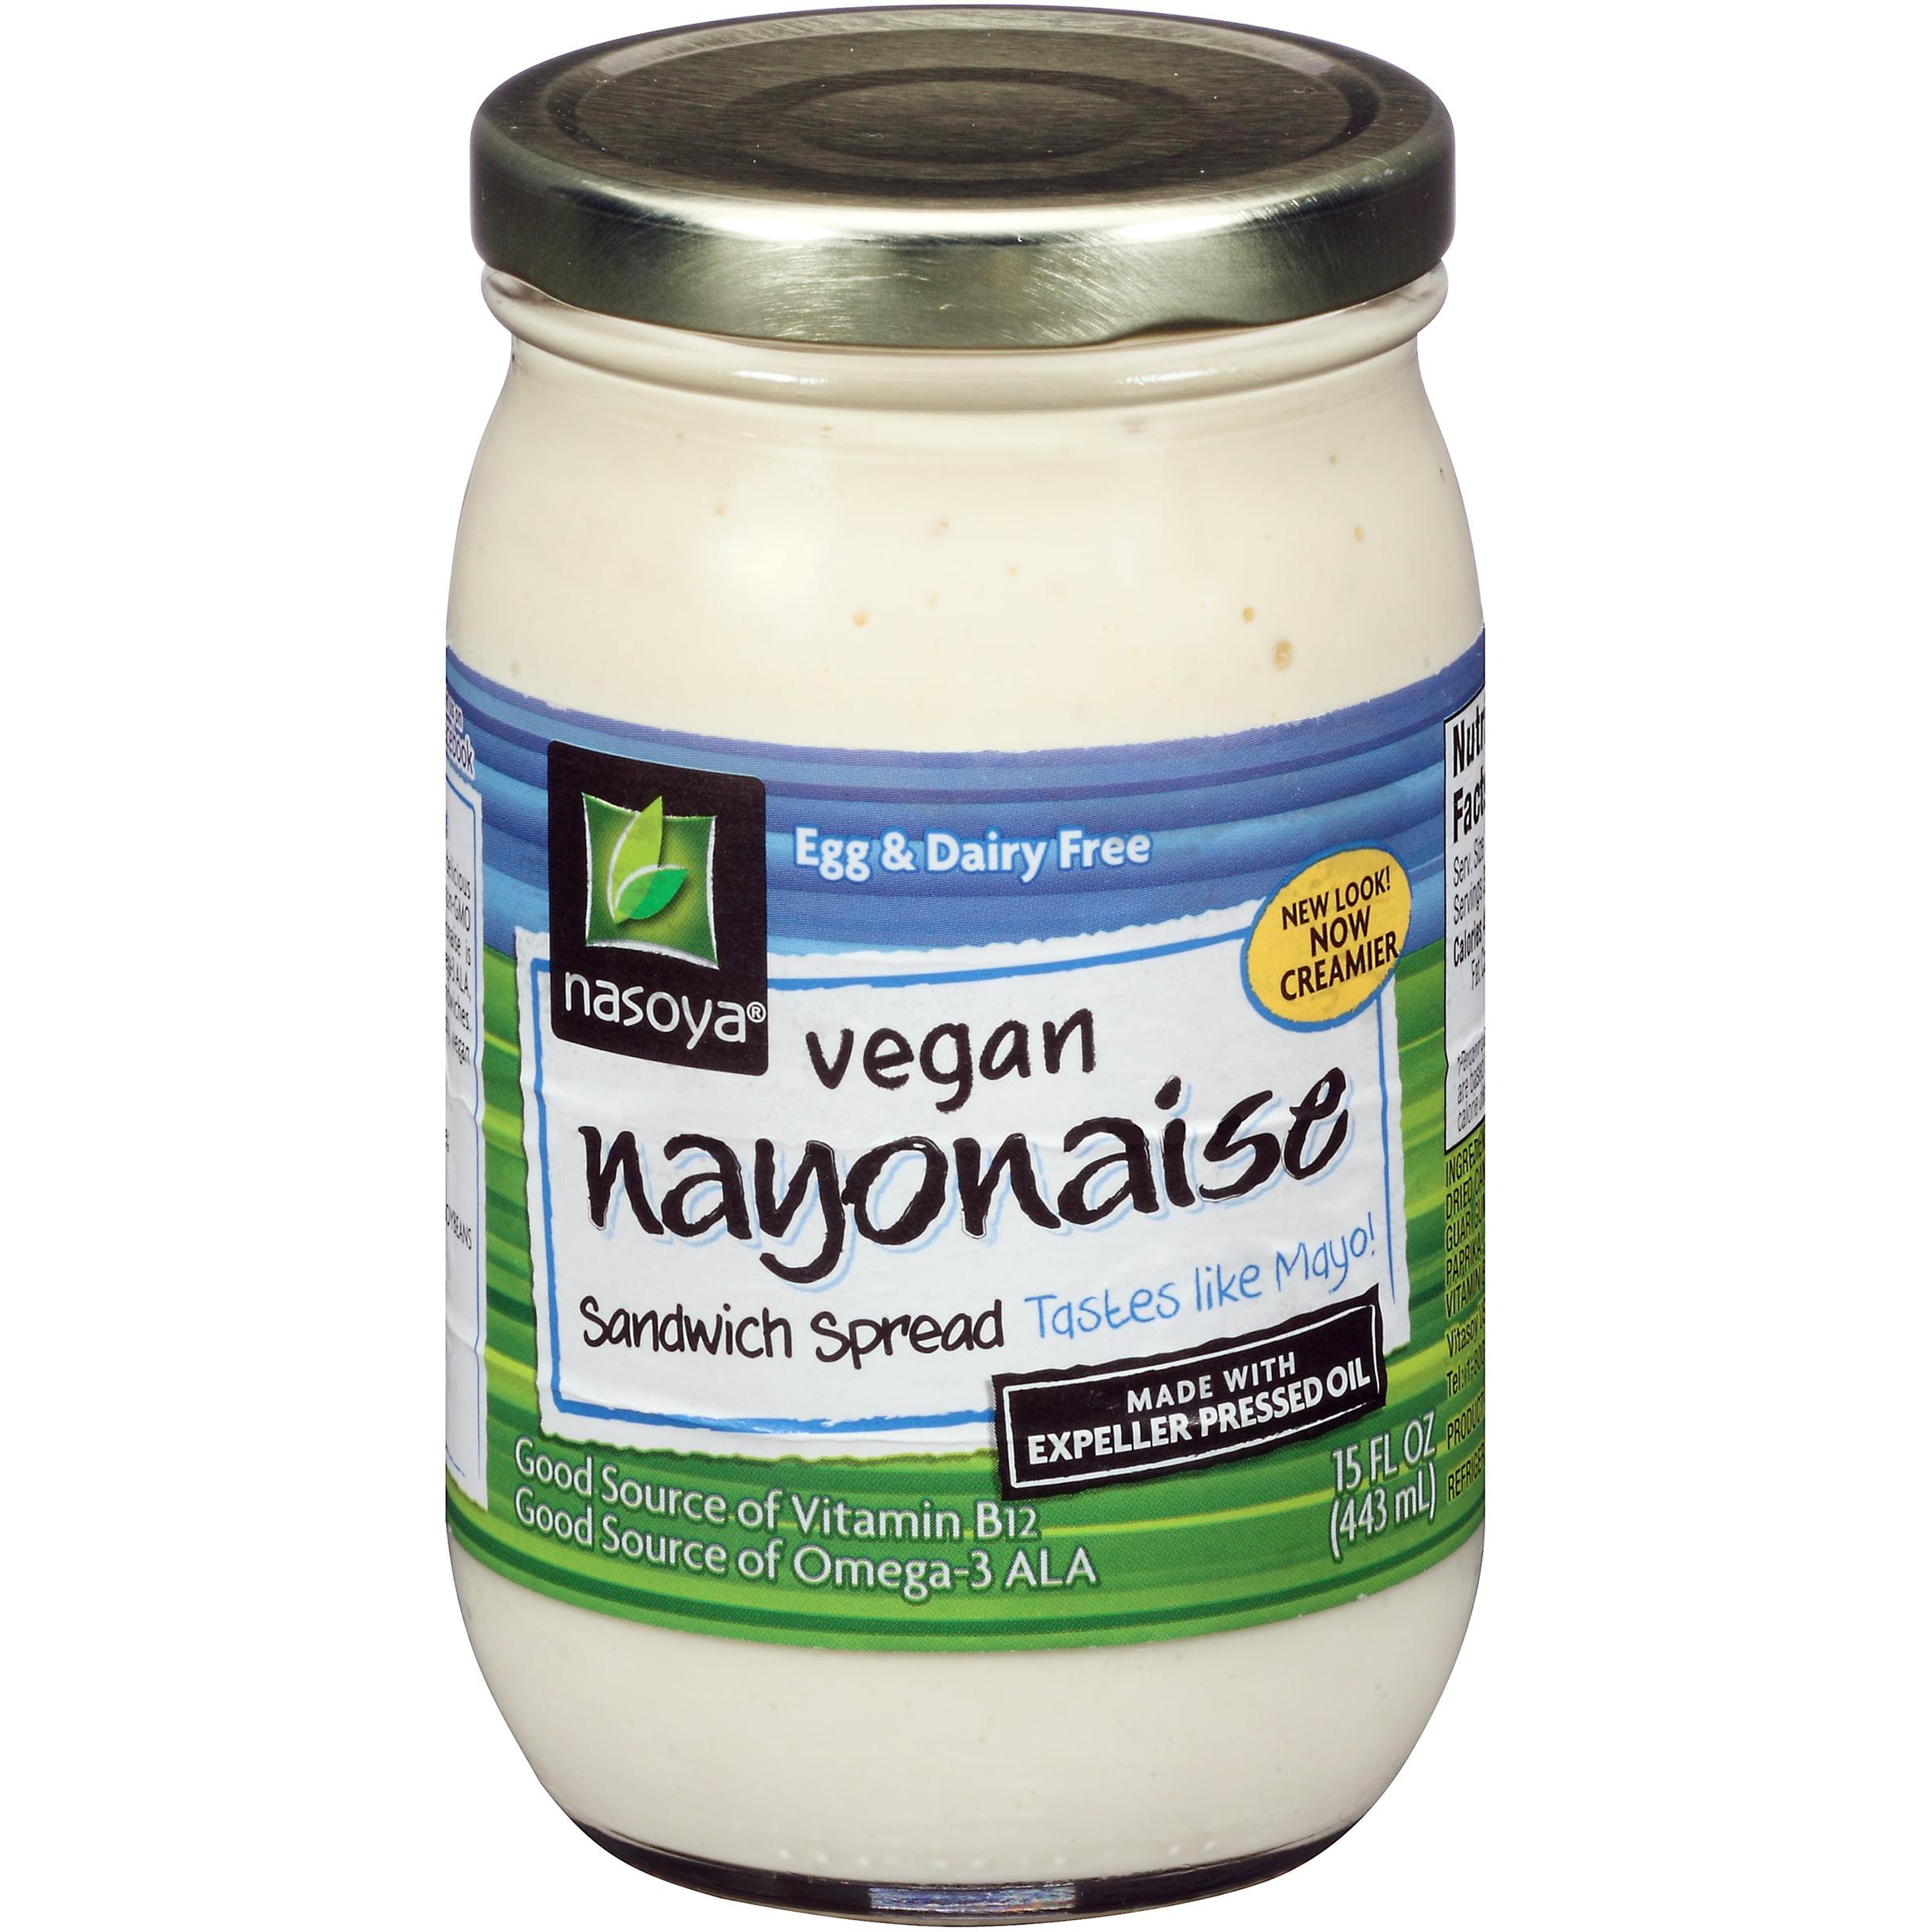 Nasoya® Vegan Nayonaise Sandwich Spread 15 fl. oz. Jar